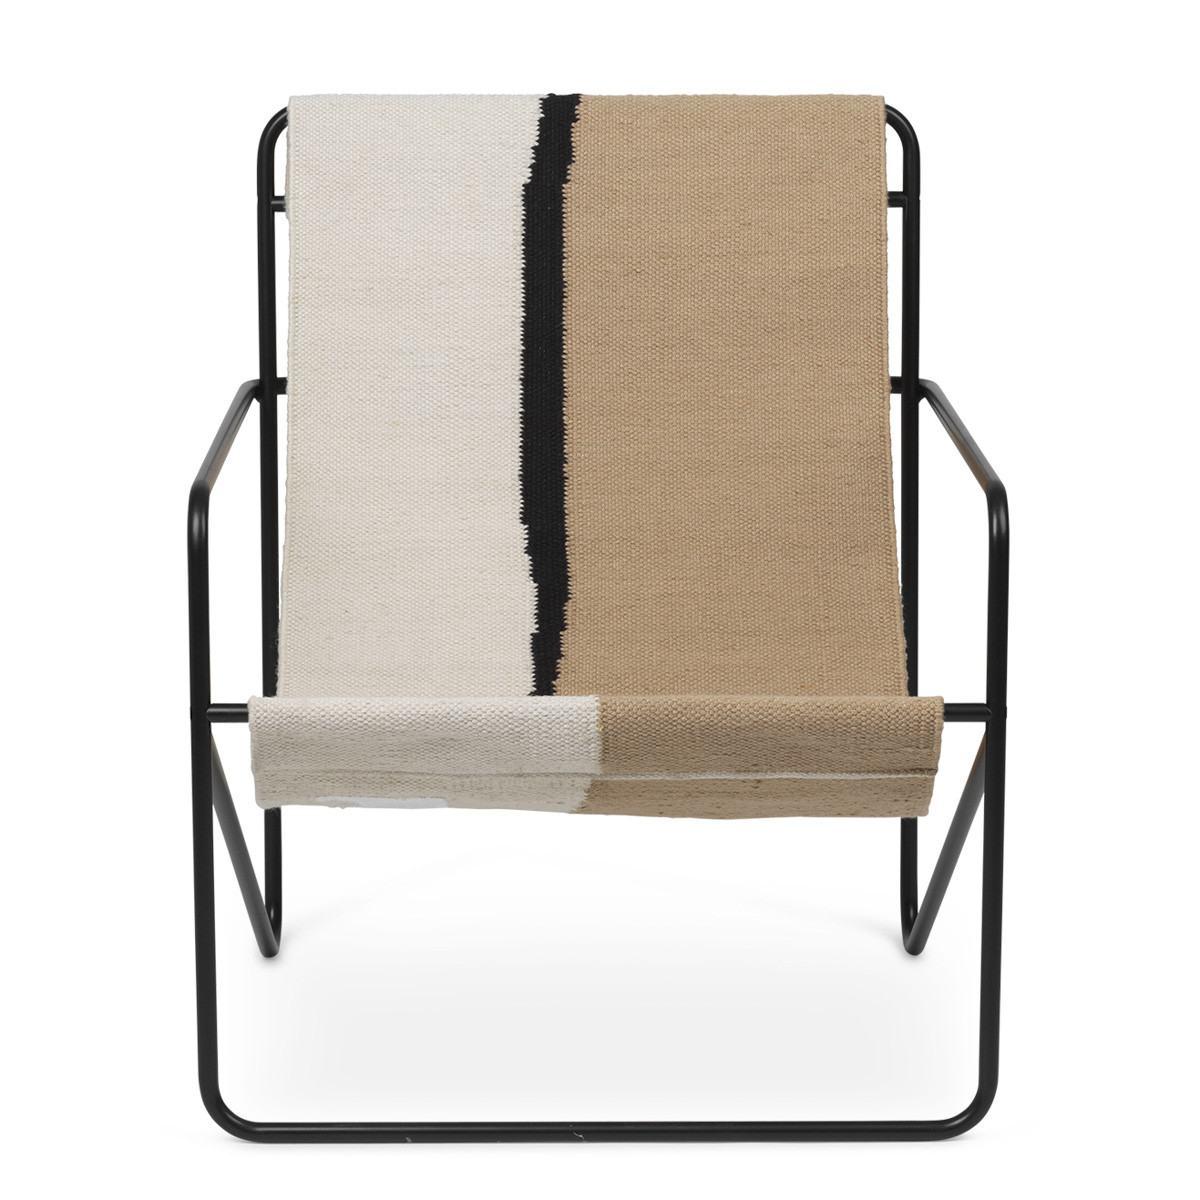 Ferm Living Desert Lounge Chair - Soil-Black